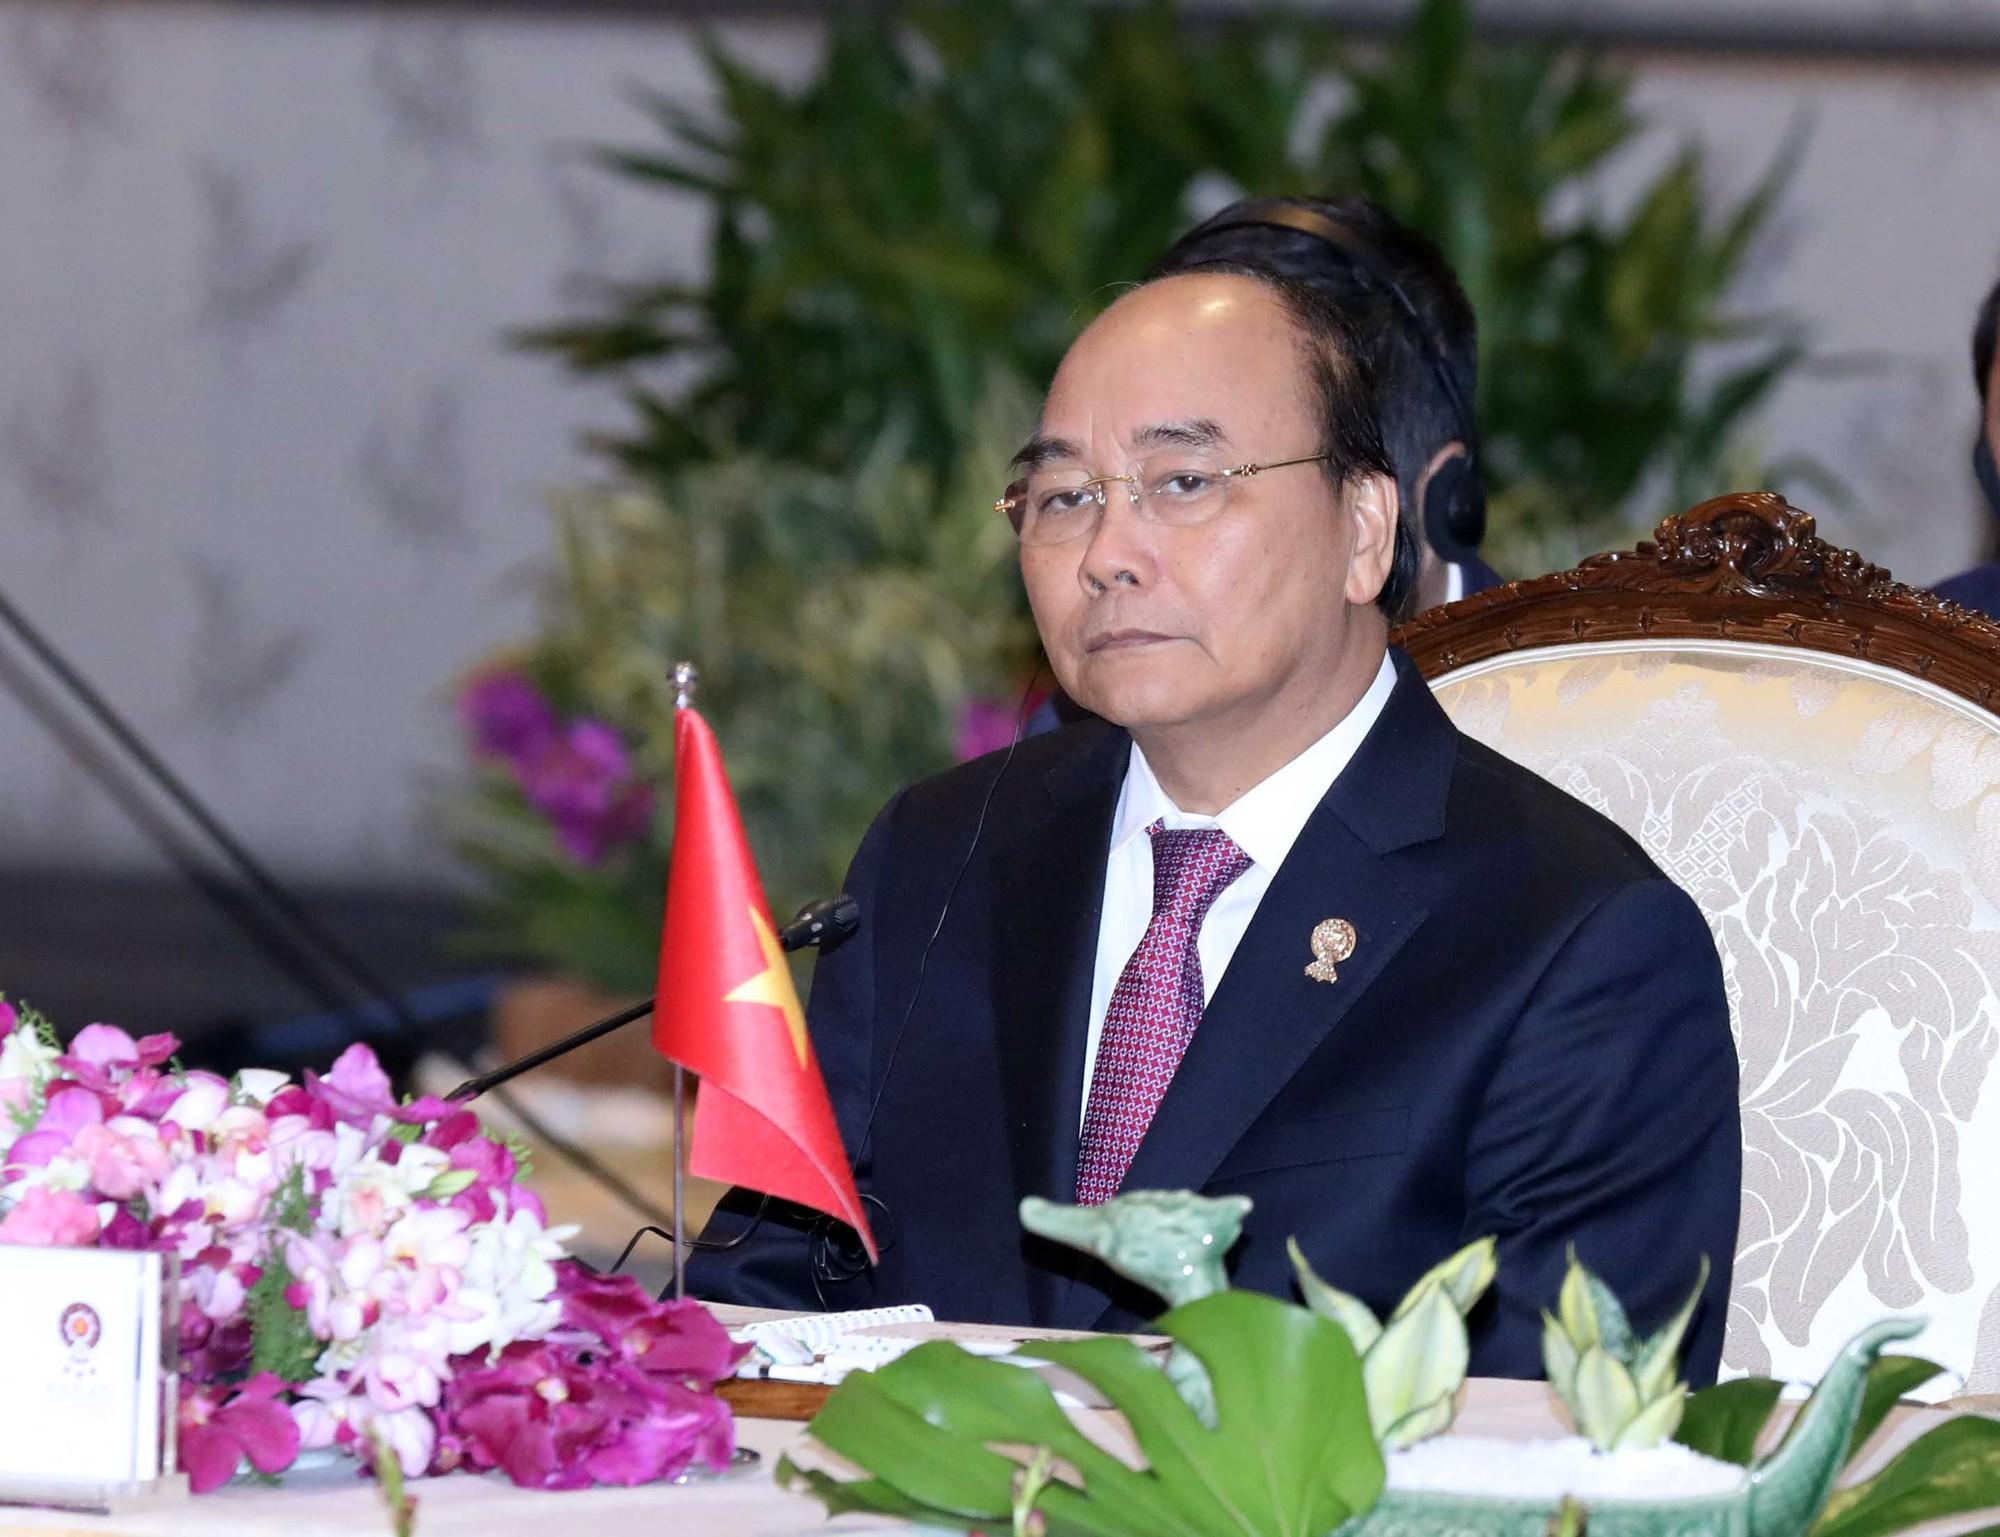 Vụ 39 người chết: Thủ tướng Nguyễn Xuân Phúc chia buồn với gia đình các nạn nhân  - Ảnh 1.